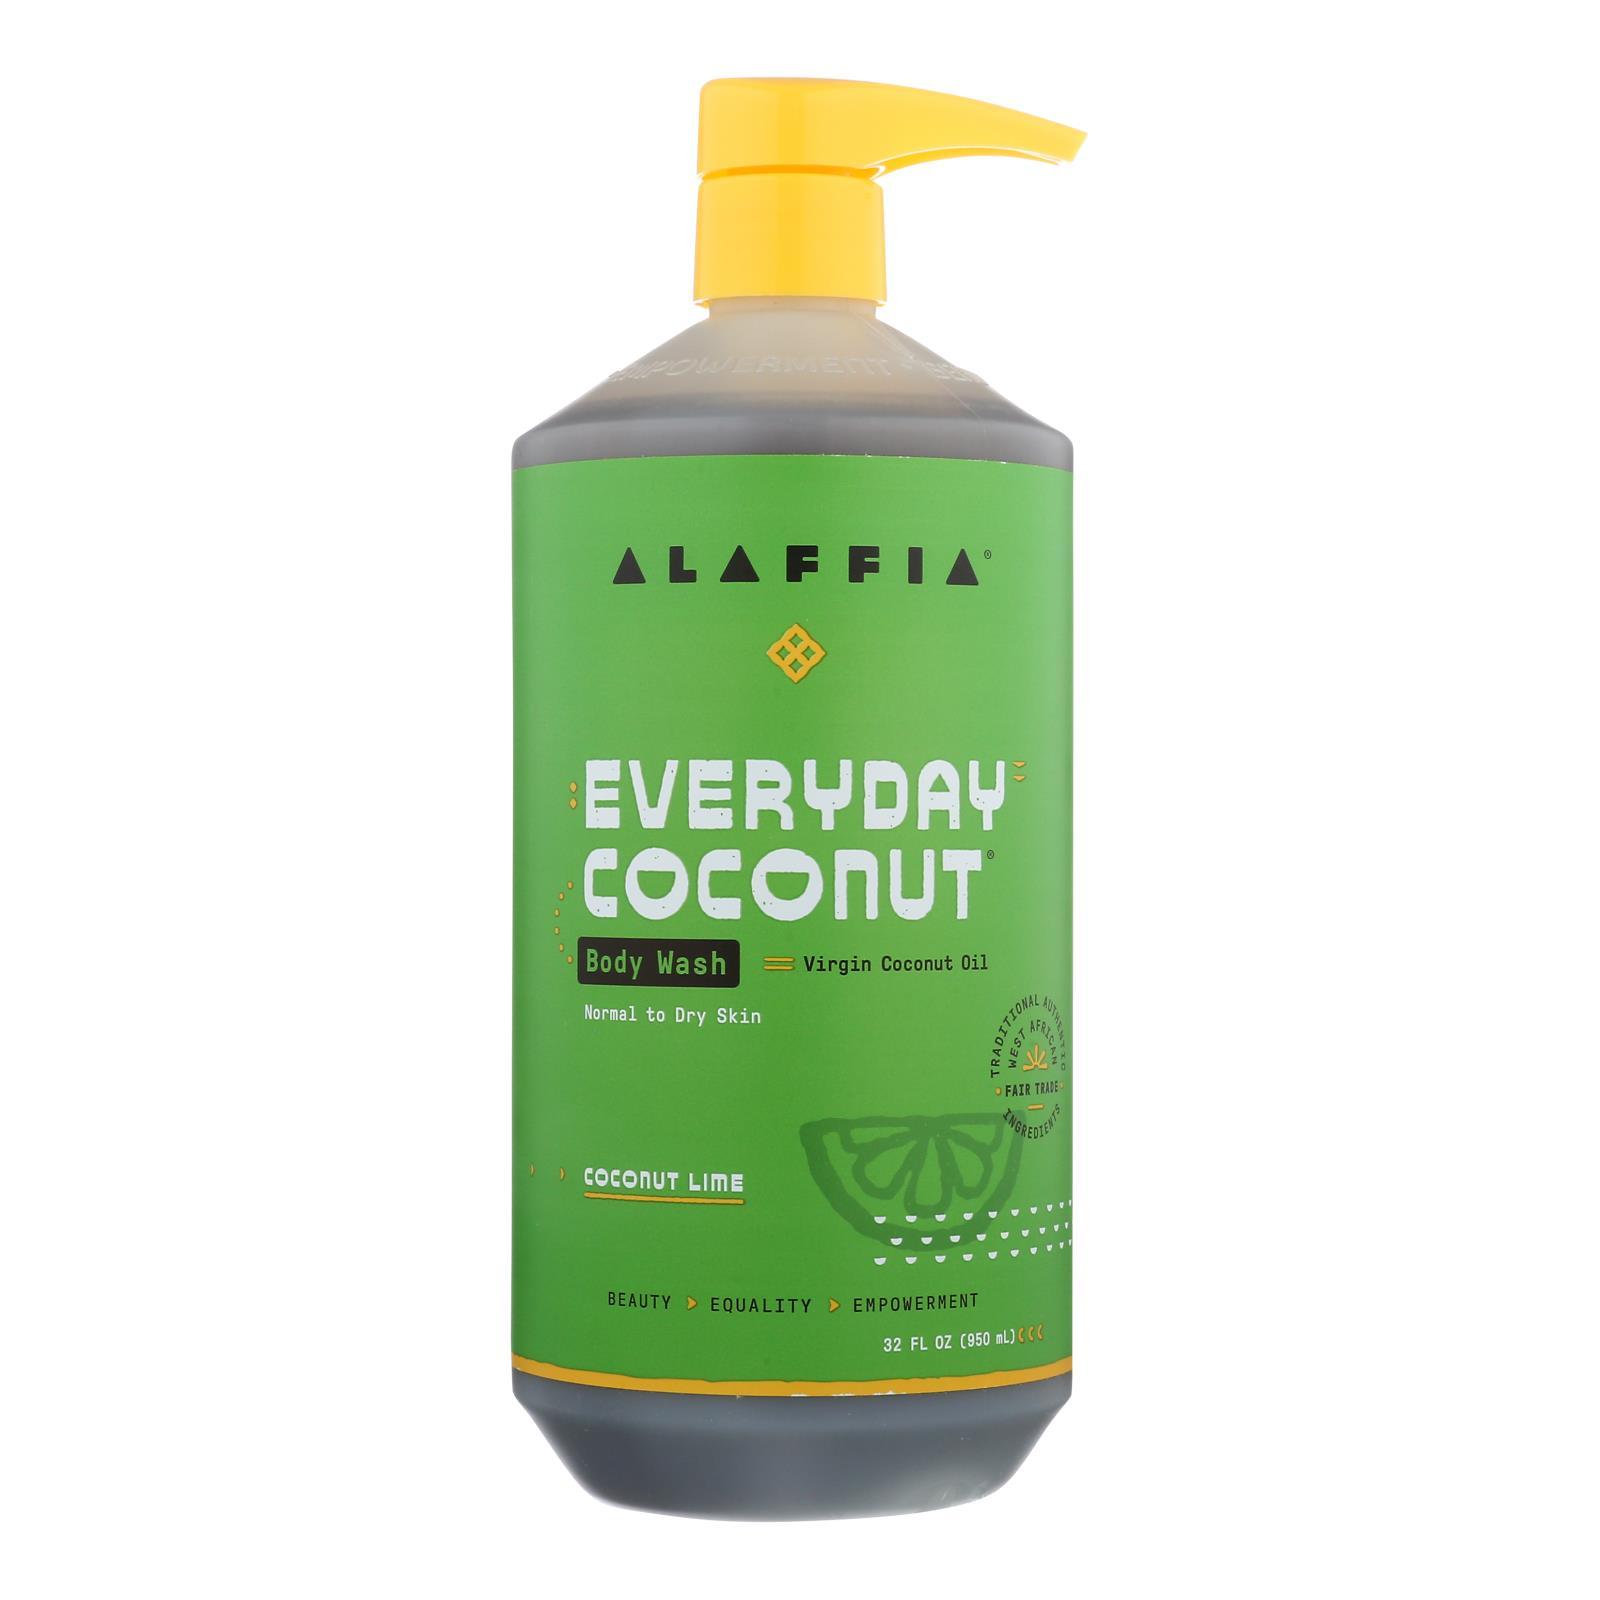 Alaffia - Everyday Body Wash - Coconut Lime - 32 fl oz.